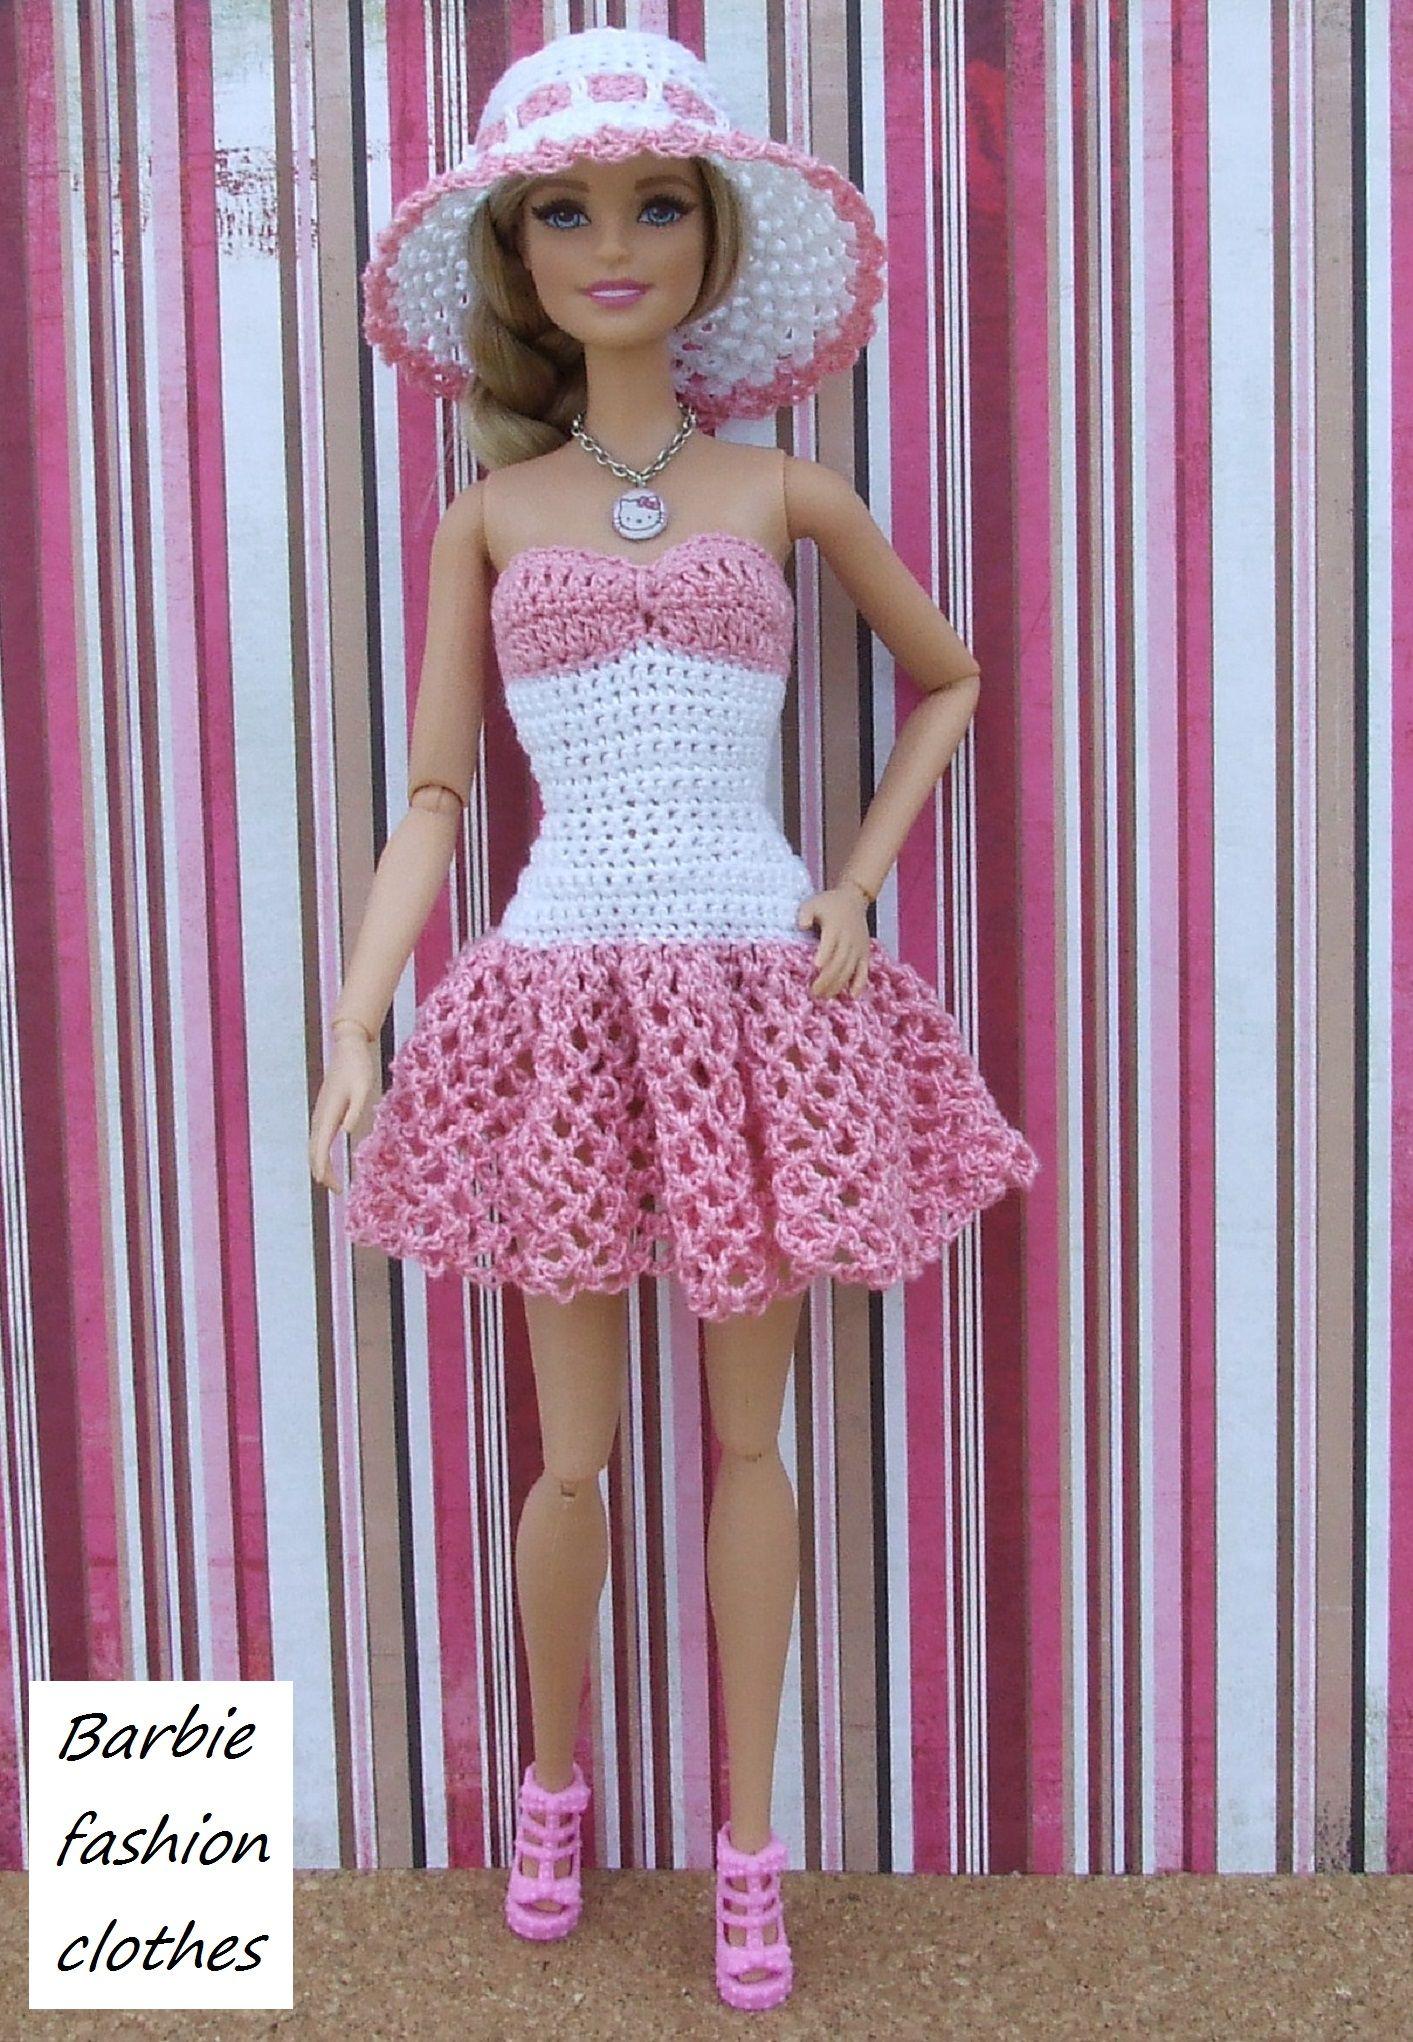 Pin de NELMA TREVINO en Barbie | Pinterest | Conjuntos, Blanco y Muñecas